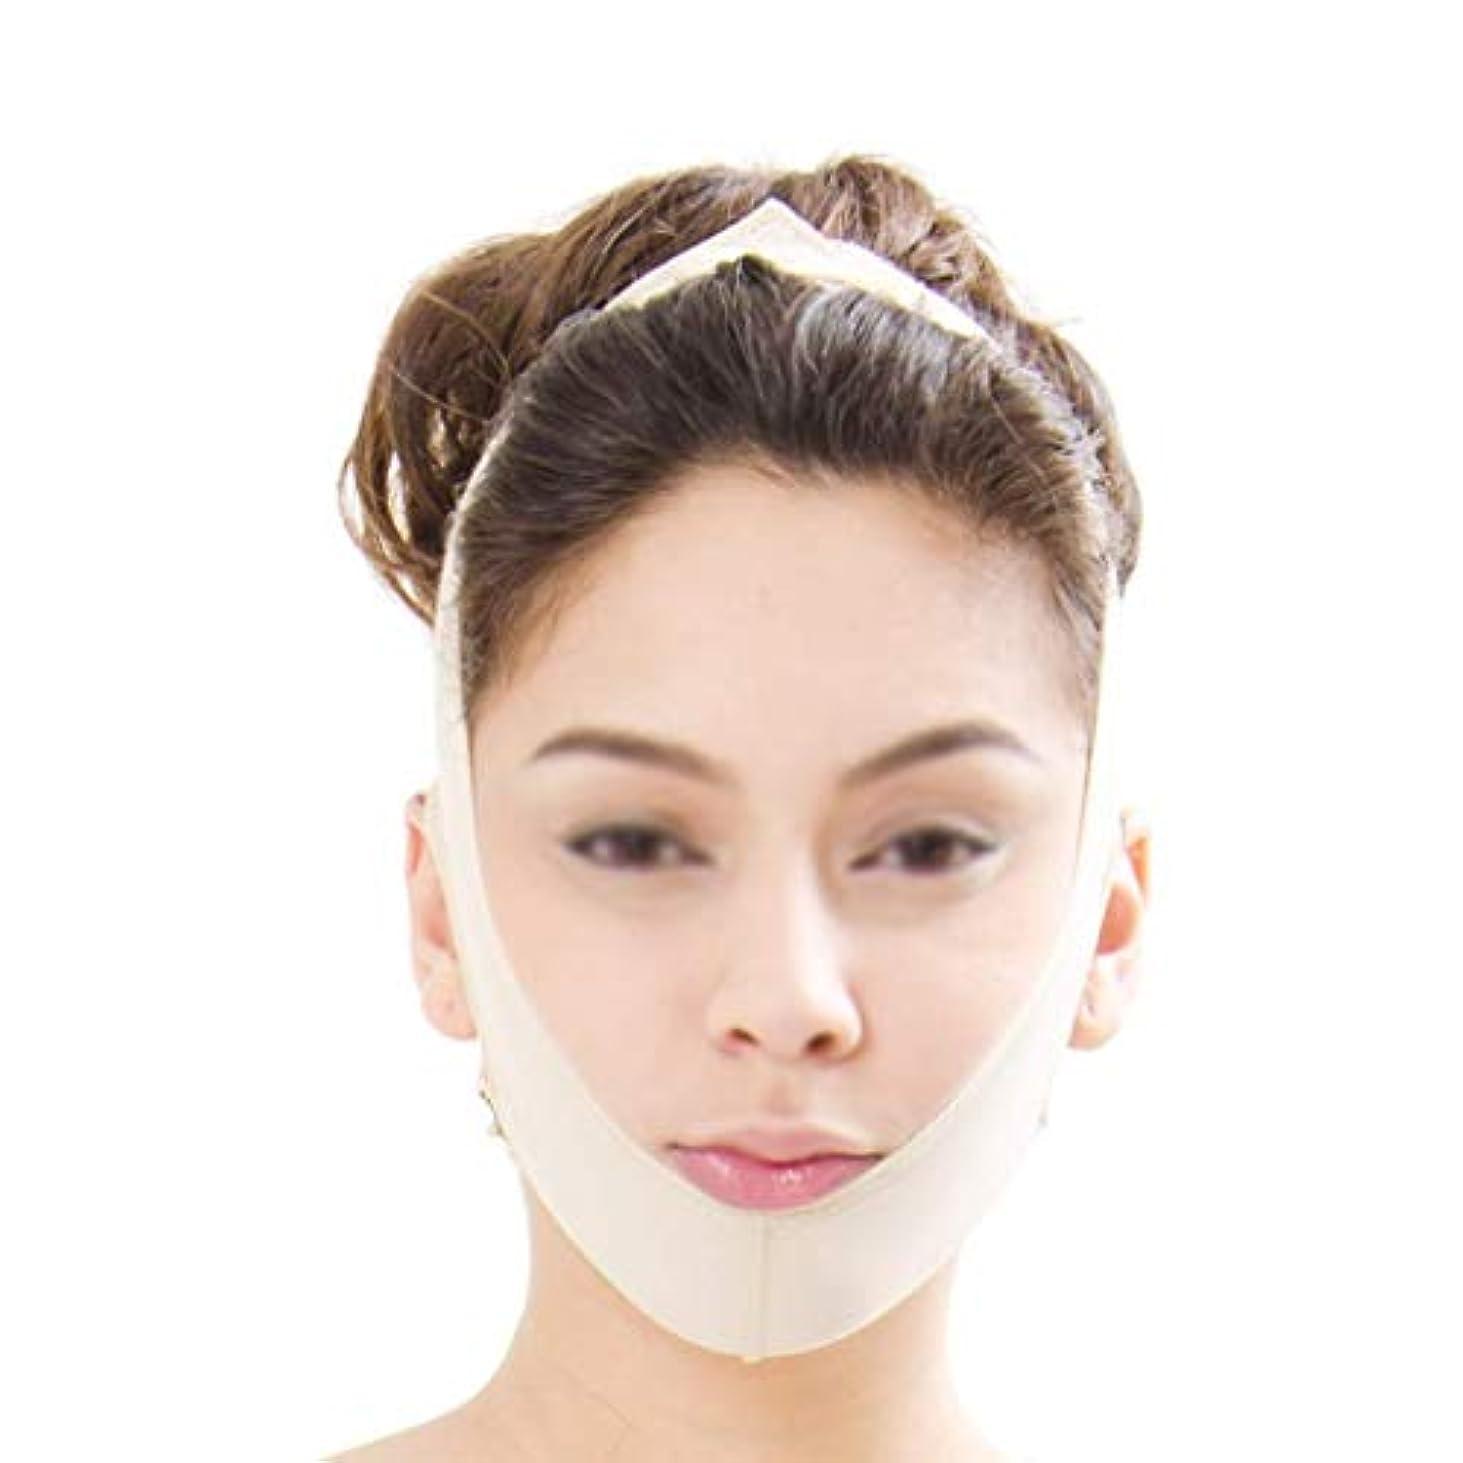 マイク差し控えるブランドフェイススリミングバンデージ、フェイスリフティングマスク、フェイスリフティングバンデージ、フェイシャル減量マスク、ダブルチンケア減量(サイズ:M),S